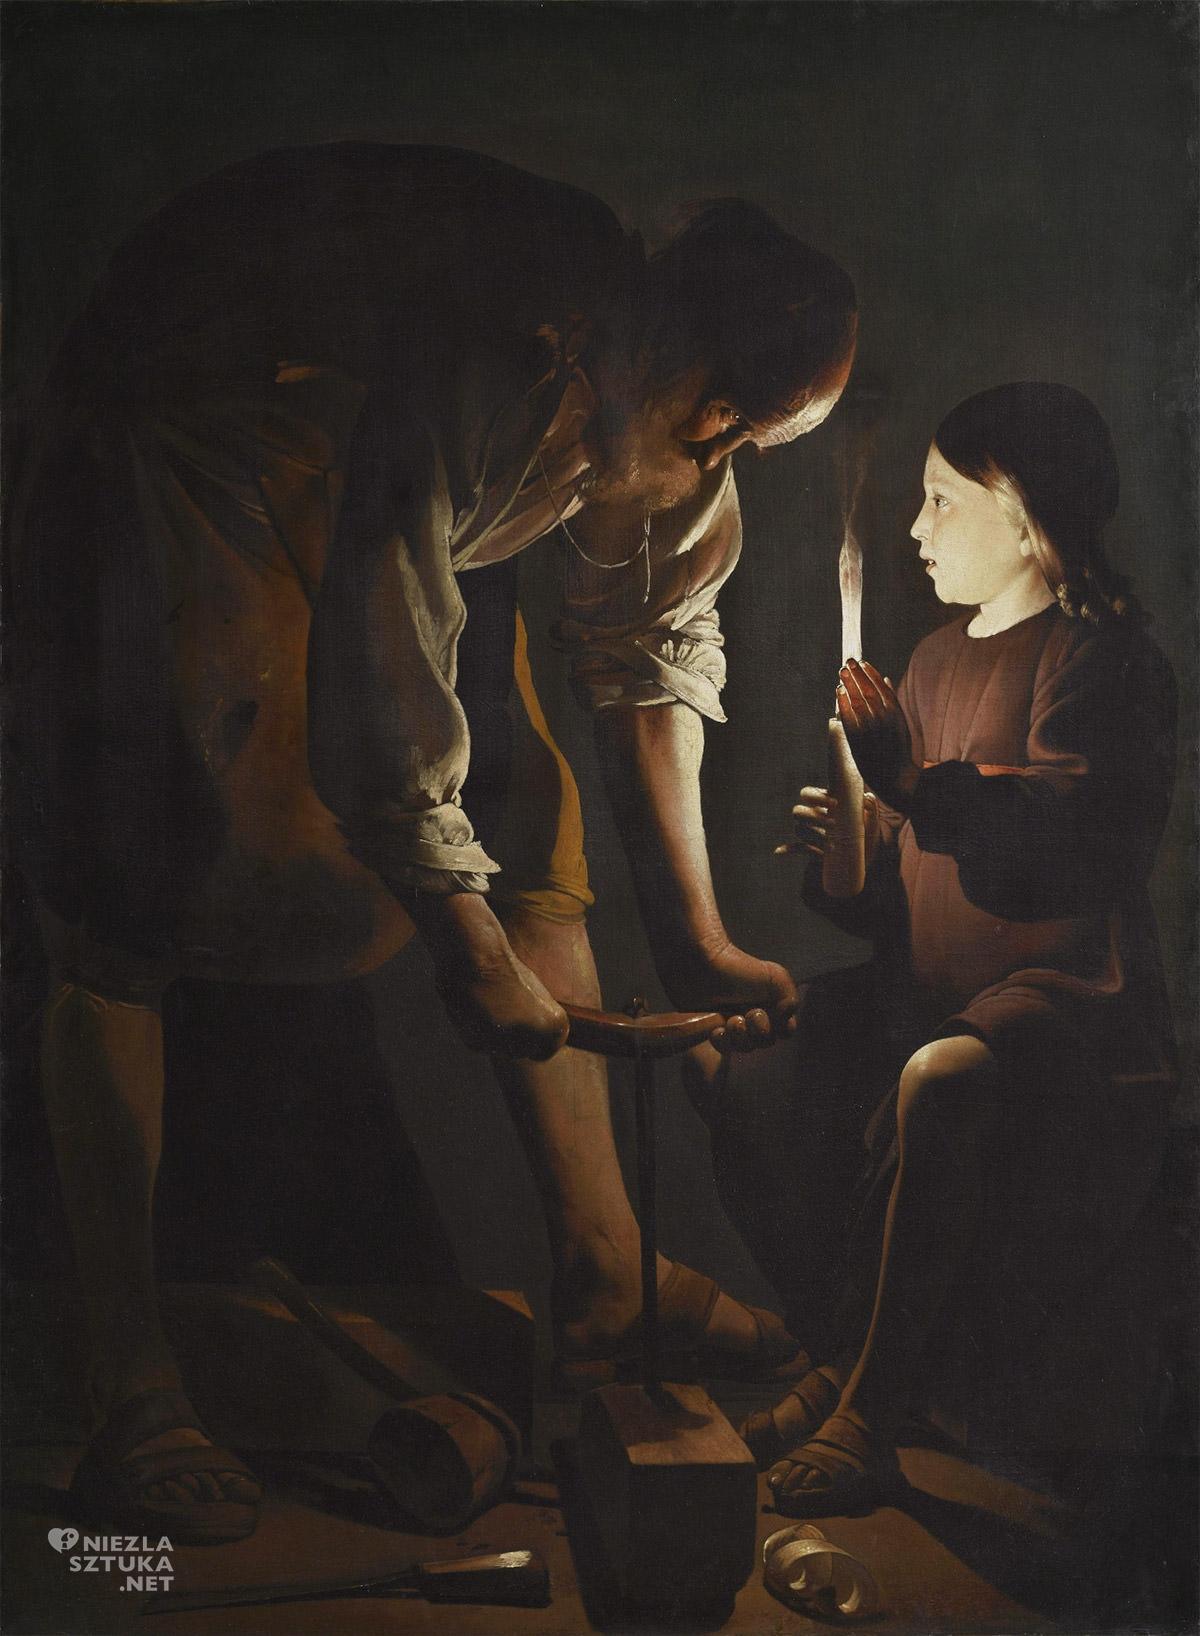 Georges de La Tour, Święty Józef Cieśla, malarstwo francuskie, malarstwo religijne, barok, Niezła Sztuka